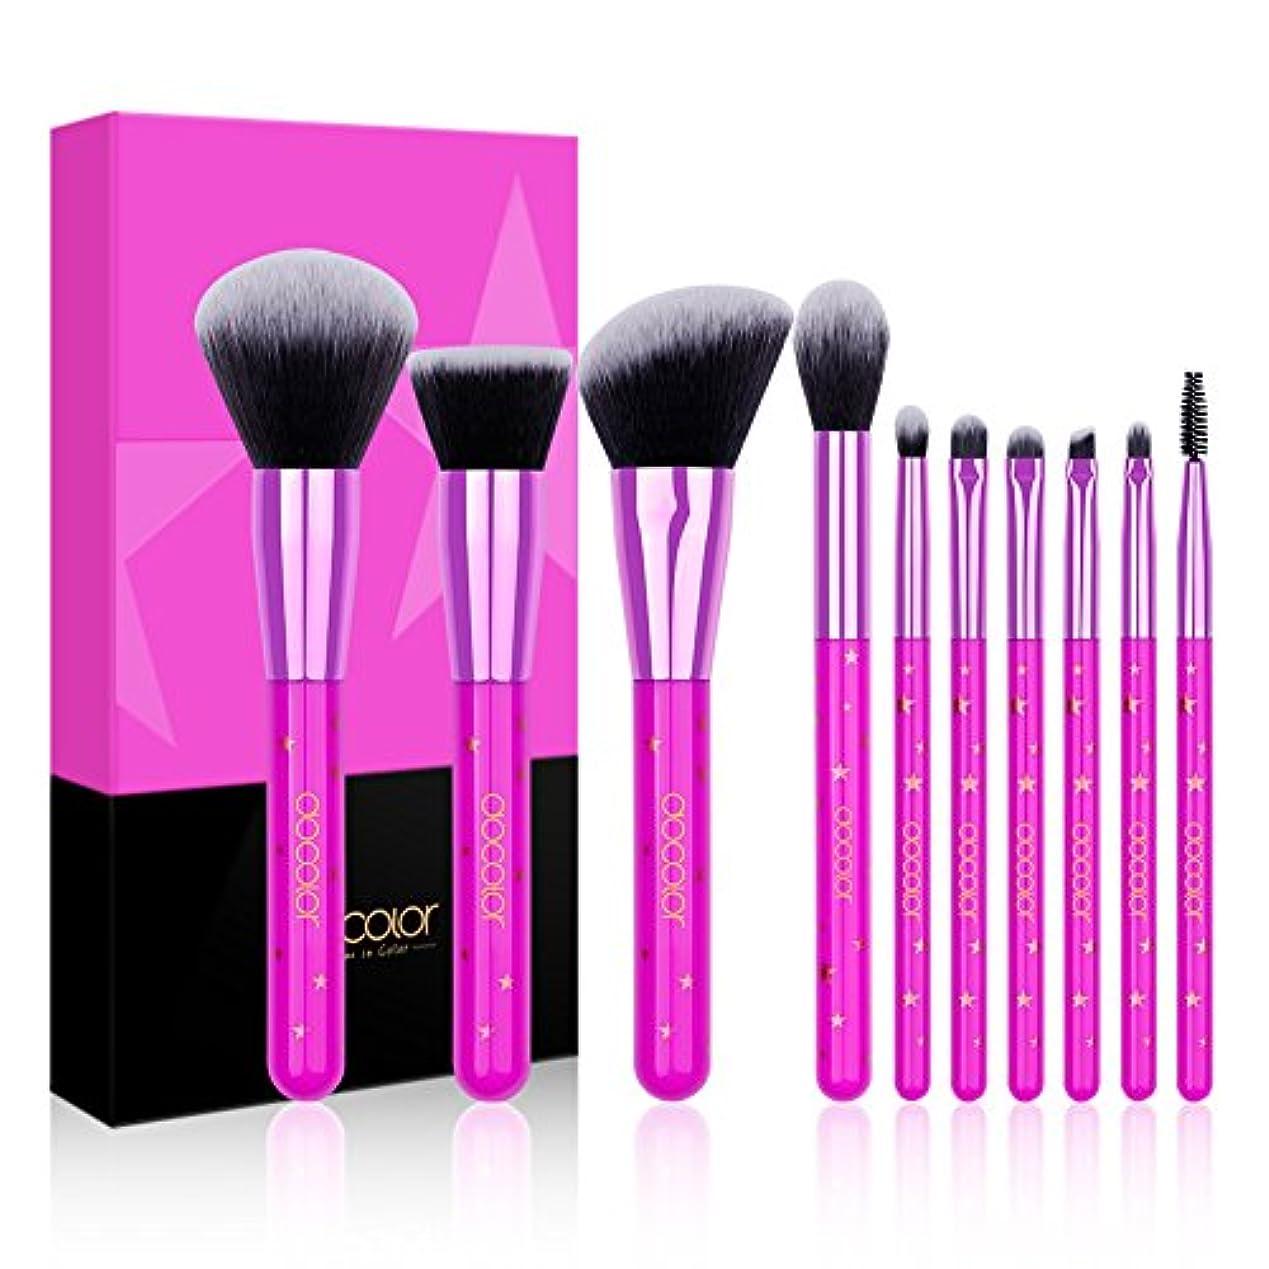 Docolor ドゥカラー 化粧筆 メイクブラシ 10本セット コスメ 化粧ブラシ 高級タクロンを使用 限定品 メイクの仕上がりを格上げ